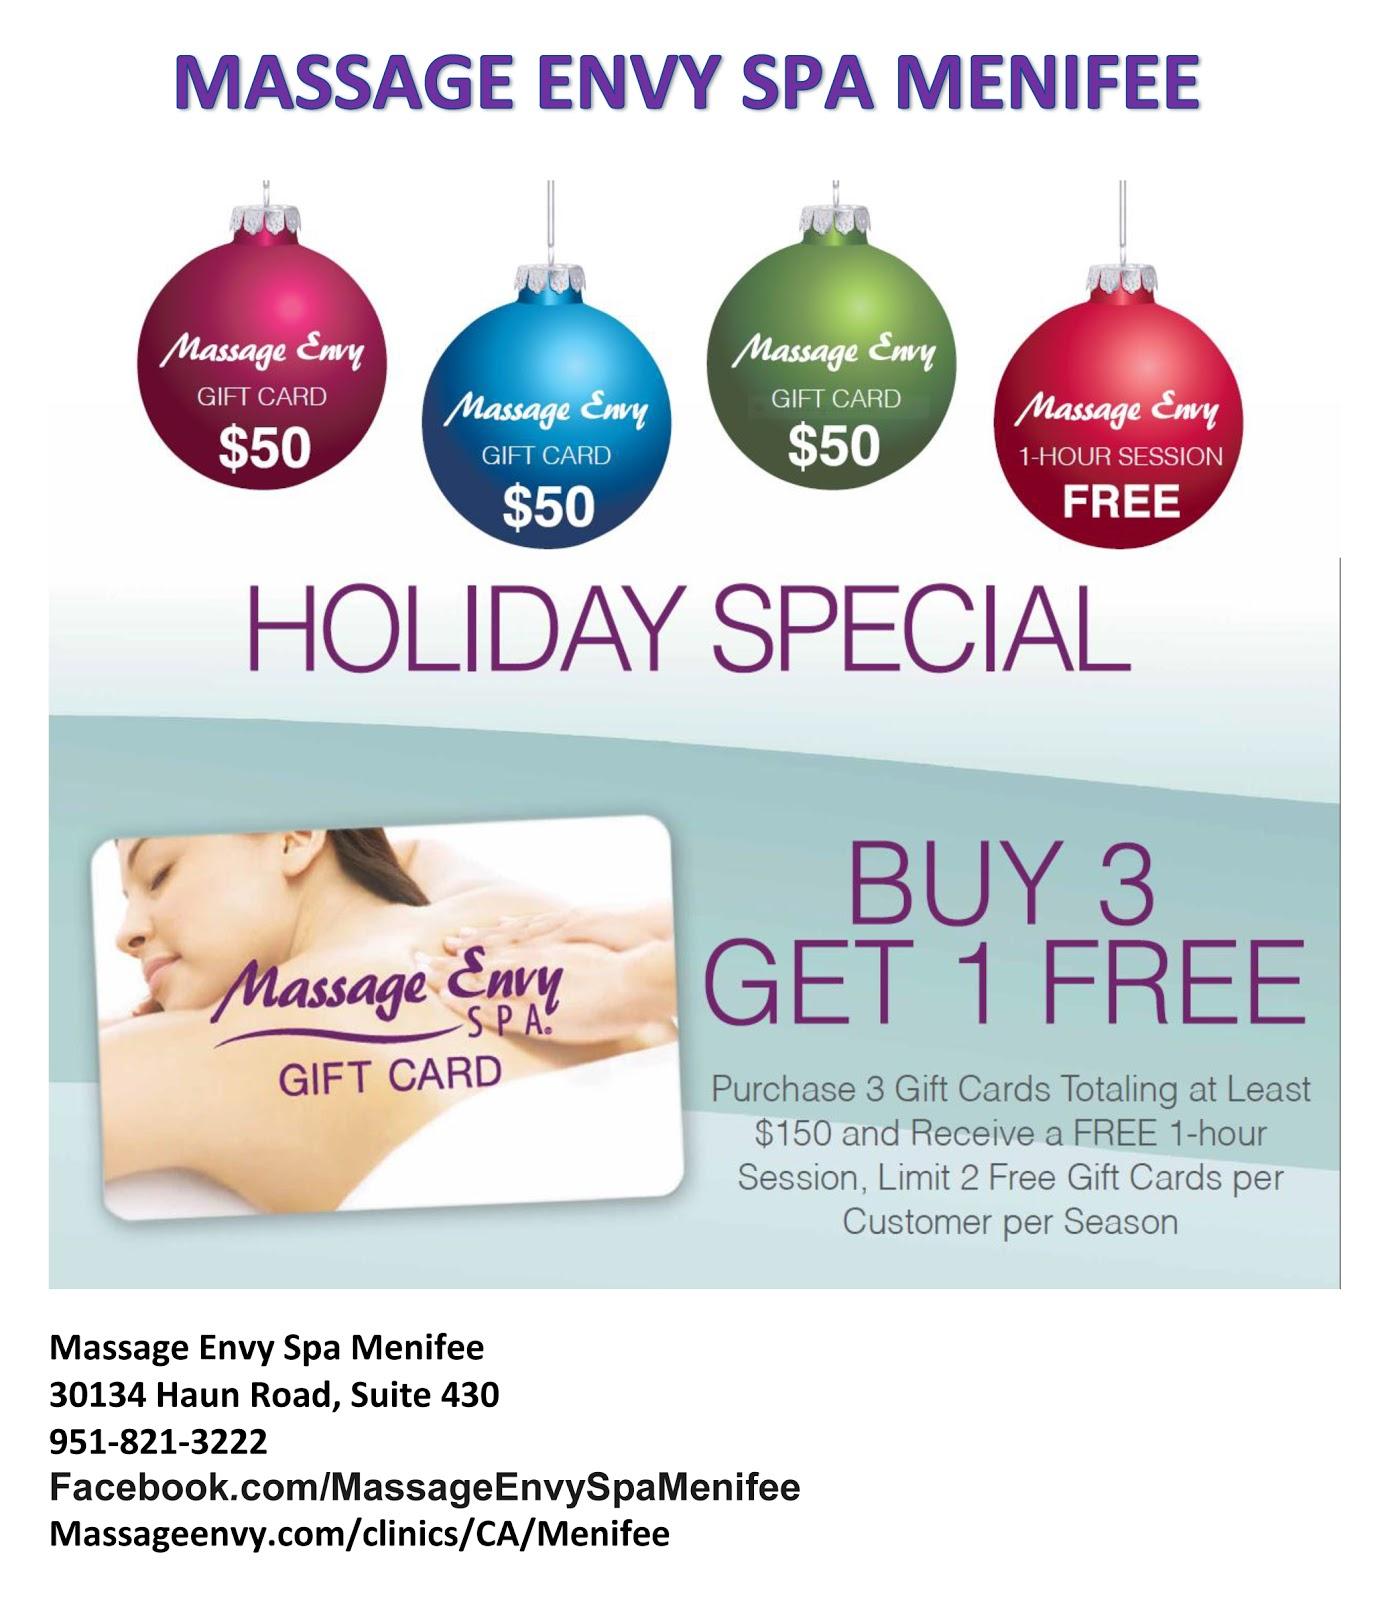 massage envy gift card refund